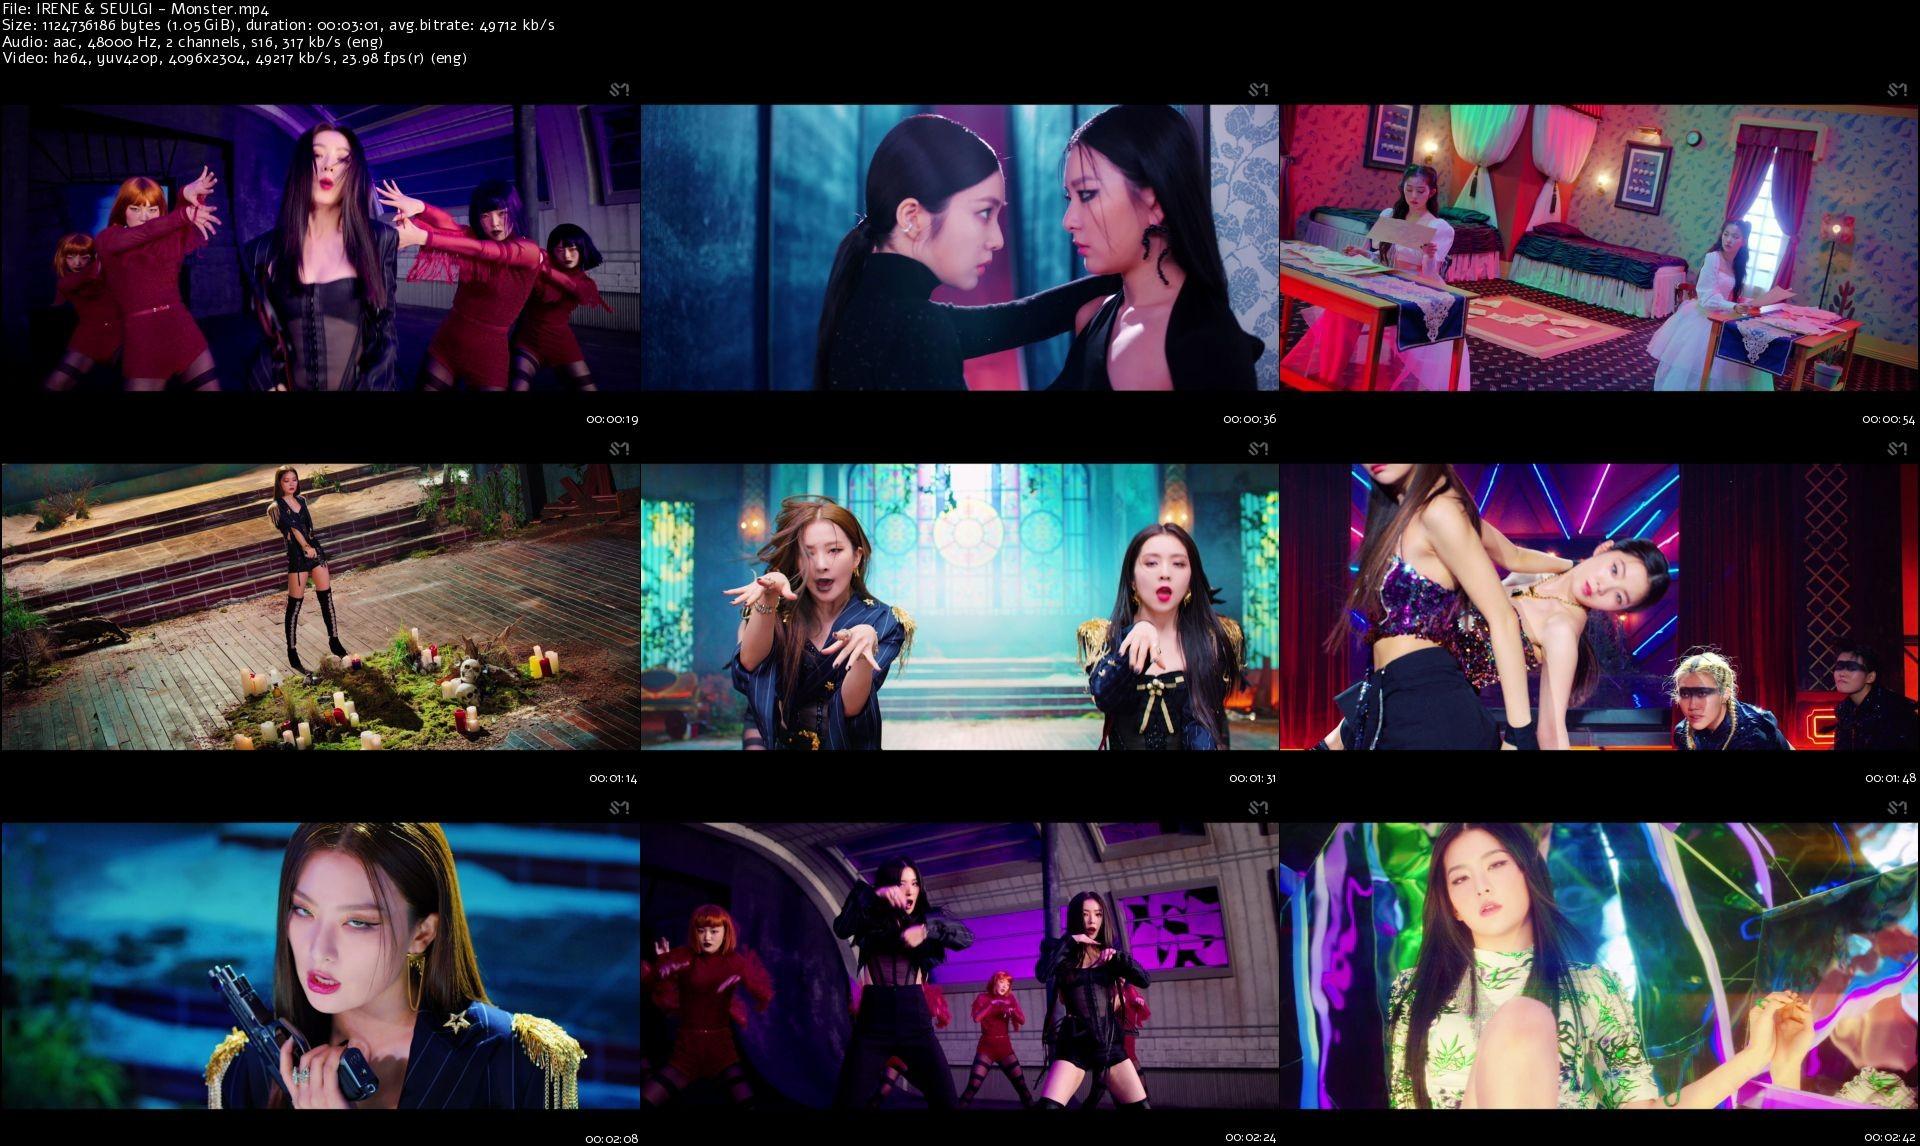 Red Velvet – IRENE & SEULGI – Monster [MP4 1080p / WEB / Bugs] [2020.07.06]